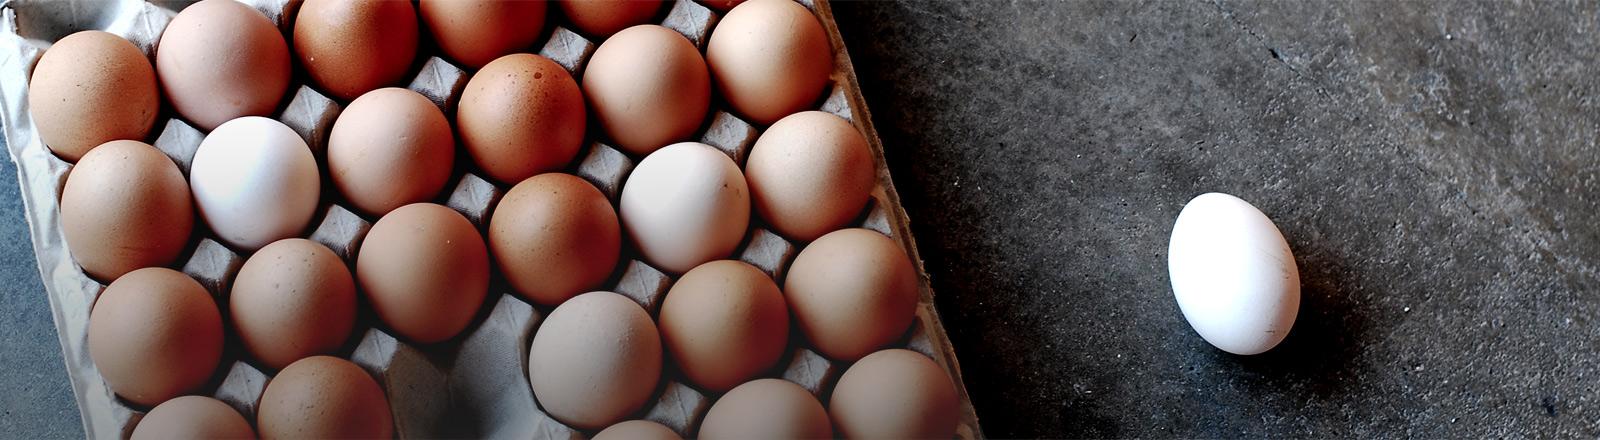 Ein Eierkarton mit braunen Eiern, ein weißes liegt daneben.